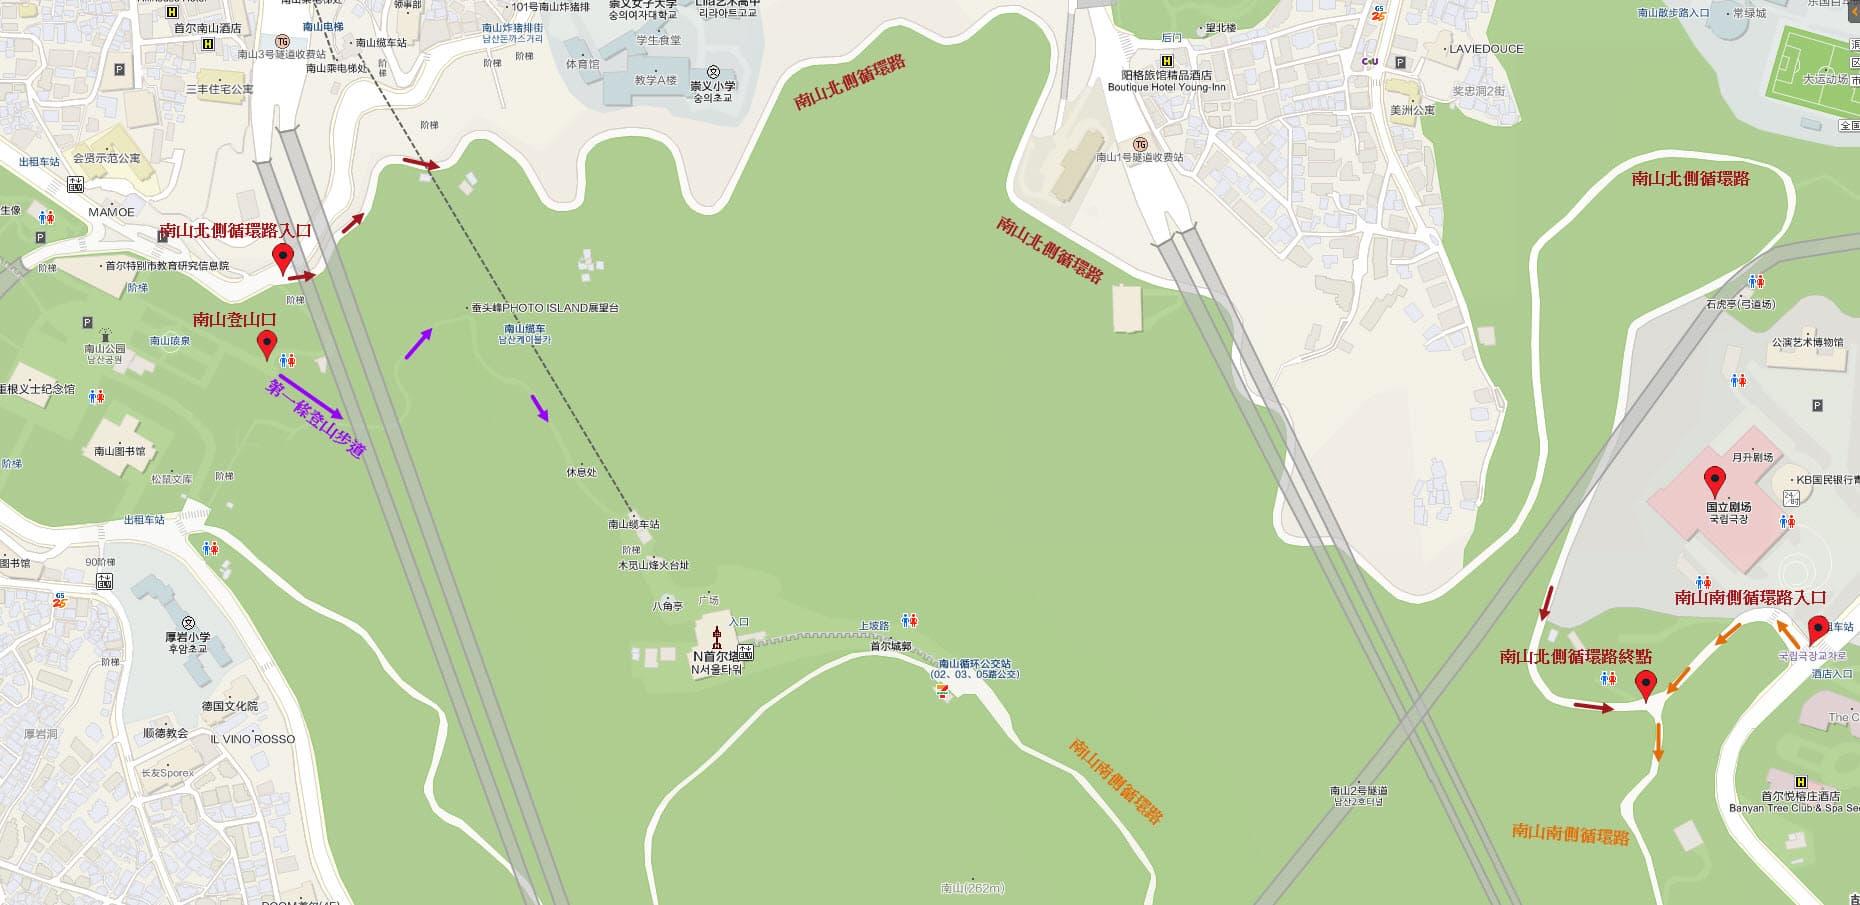 南山北側循環路地圖